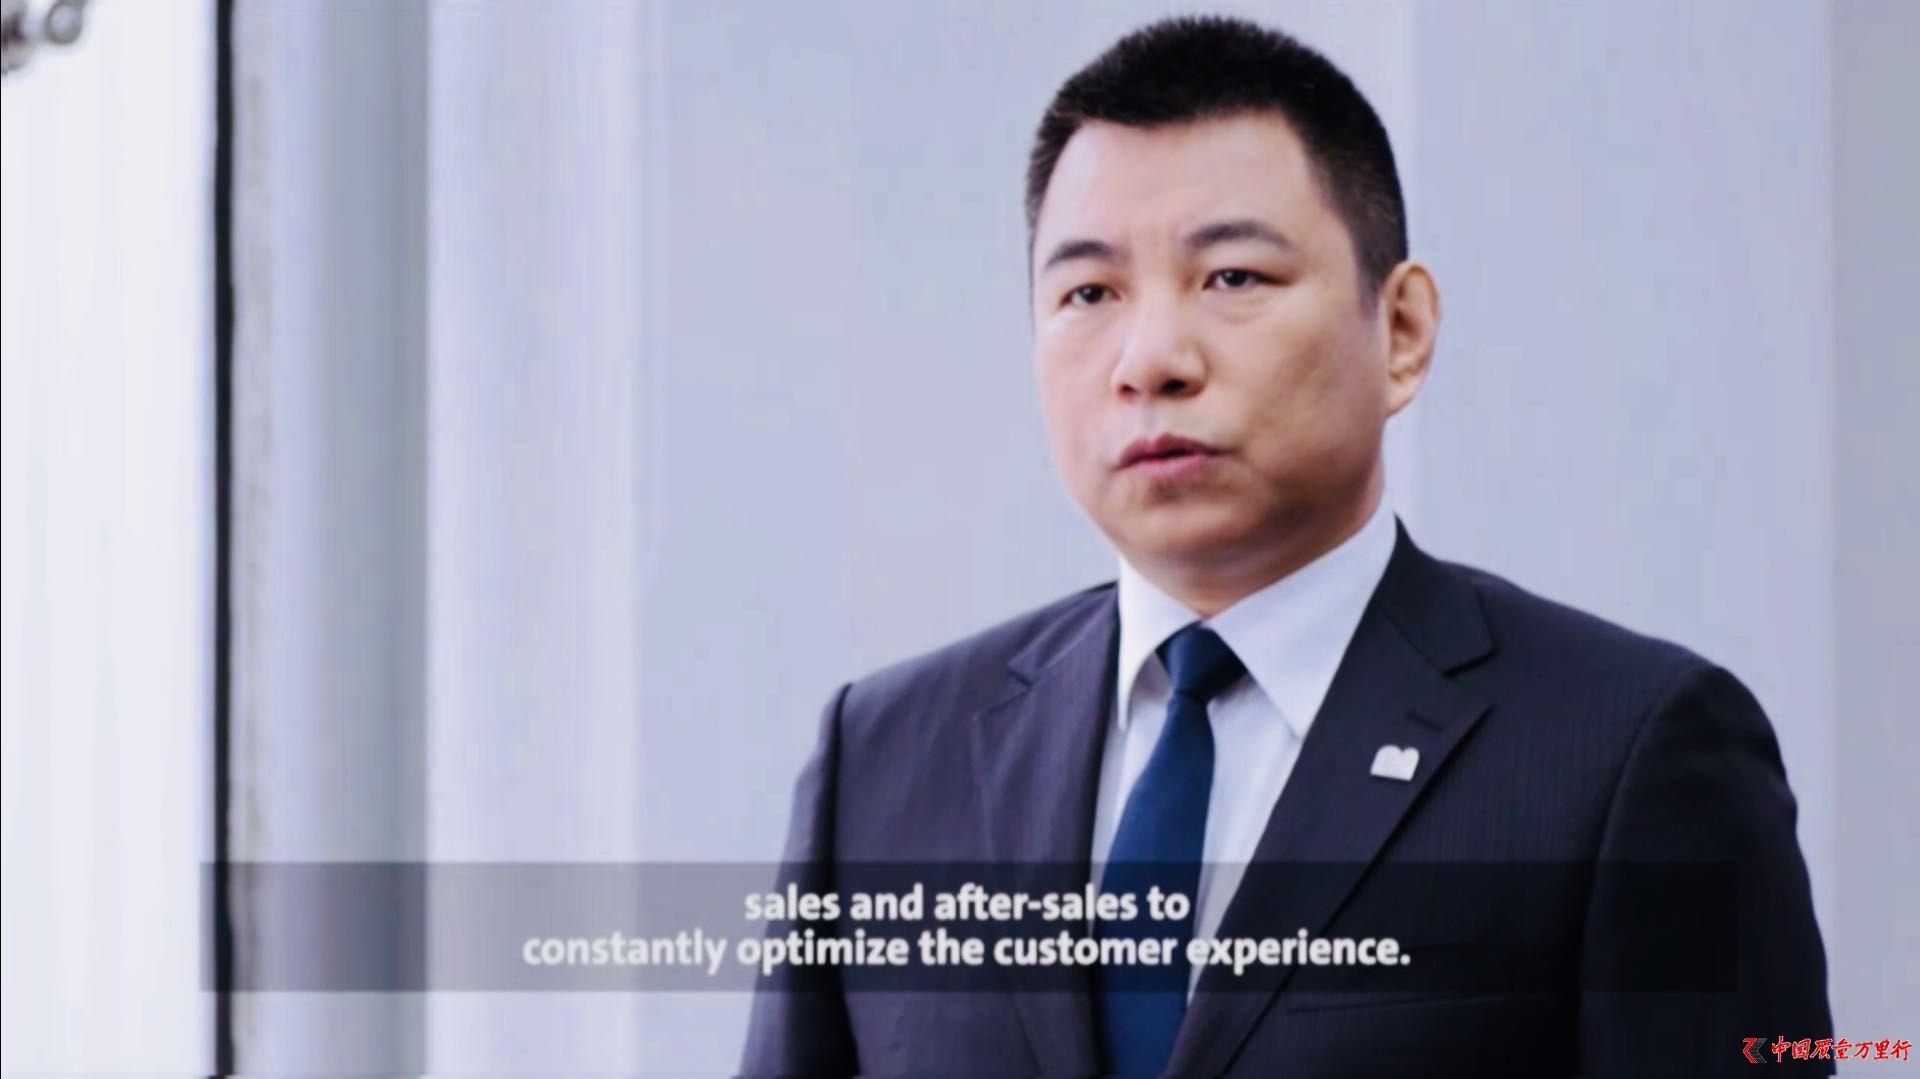 """刘亦功:以""""2025战略""""为指引,满足用户对美好出行生活的向往"""